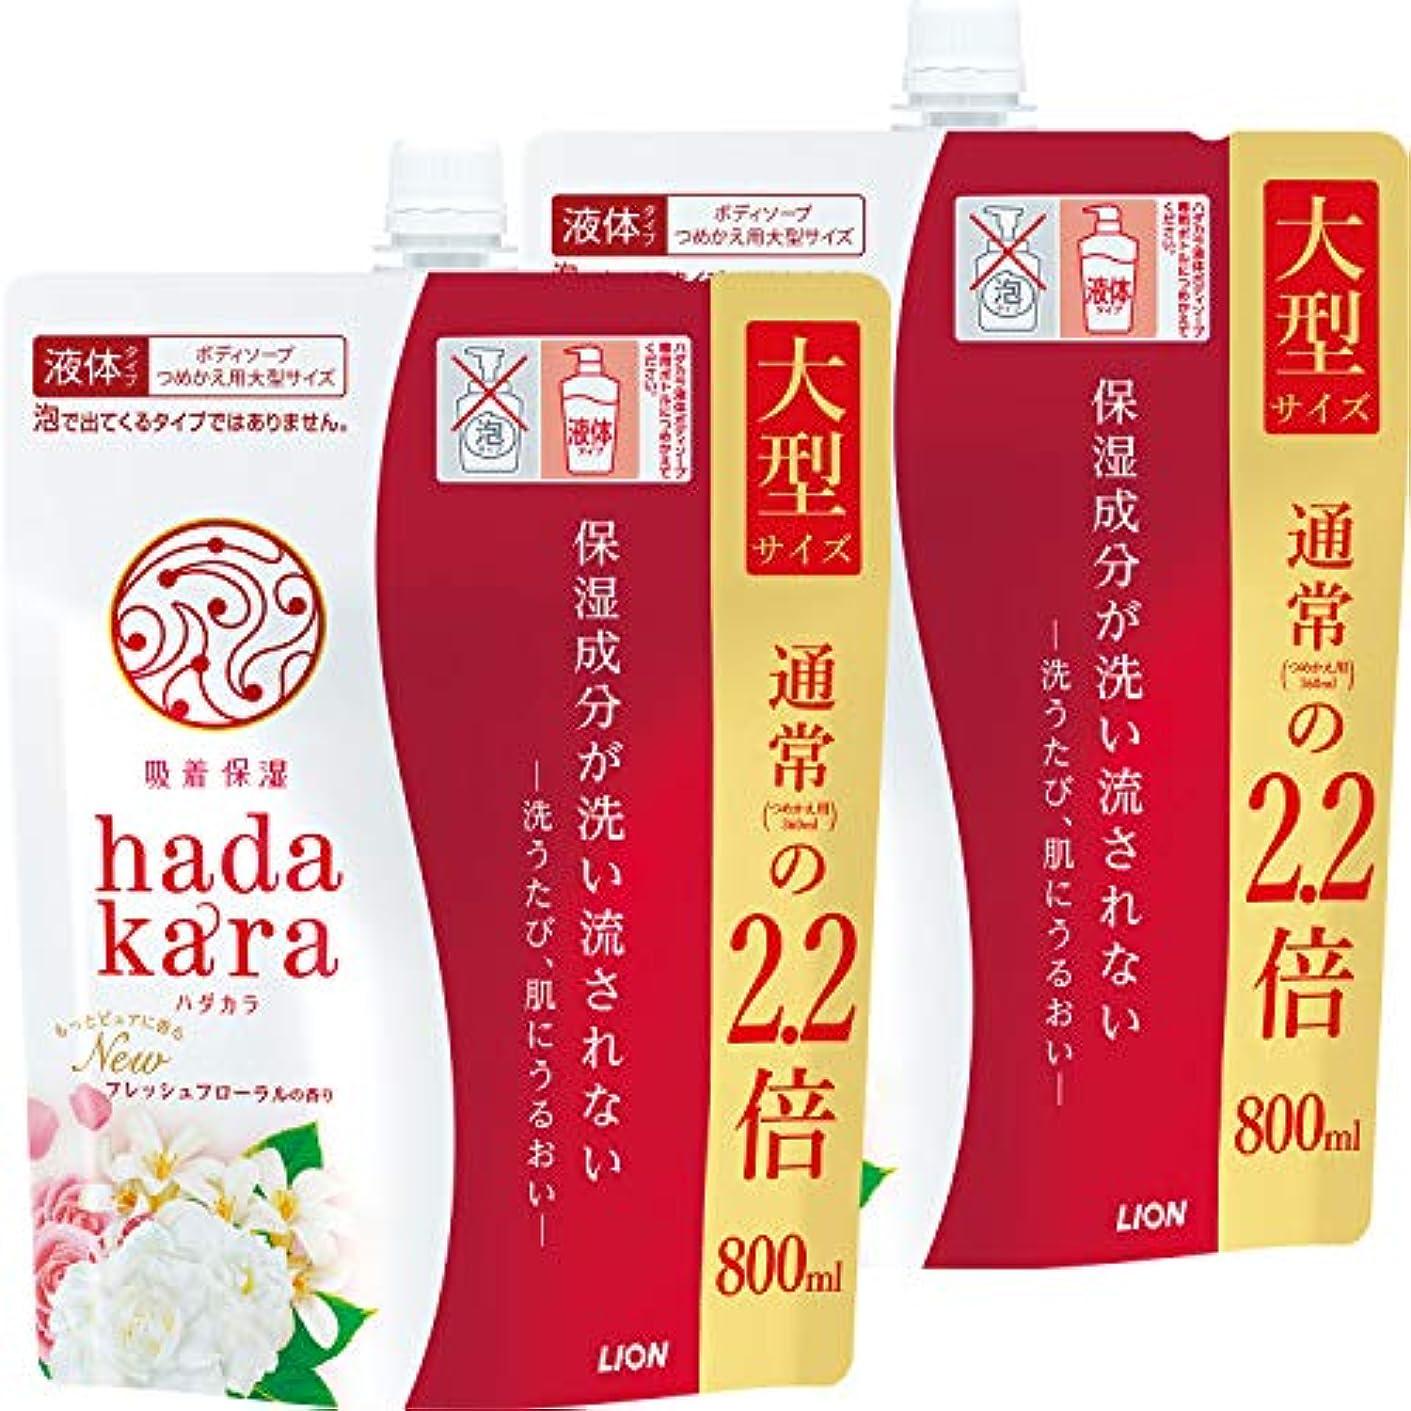 後悔オーバーヘッド代わってhadakara(ハダカラ) ボディソープ フレッシュフローラルの香り つめかえ用大型サイズ 800ml×2個